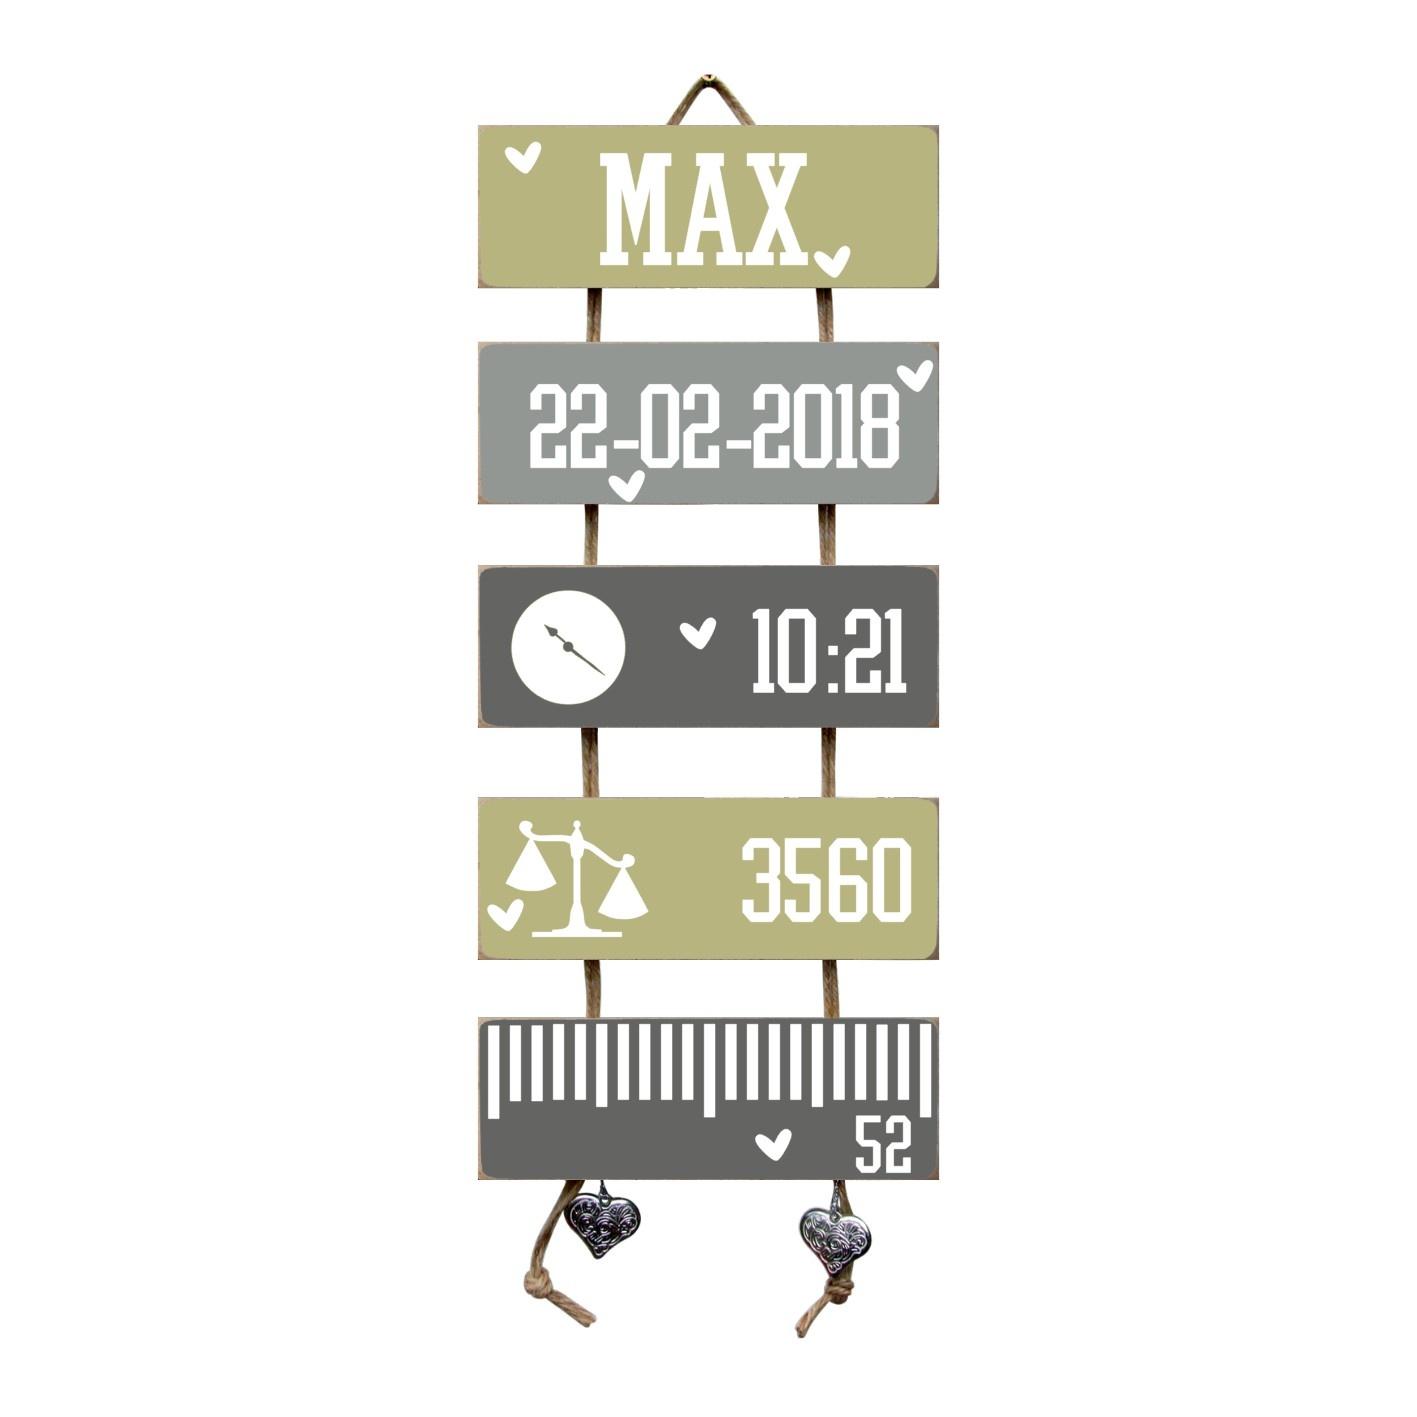 Kraamcadeau Geboorteladder Max Olive Tree/grijs